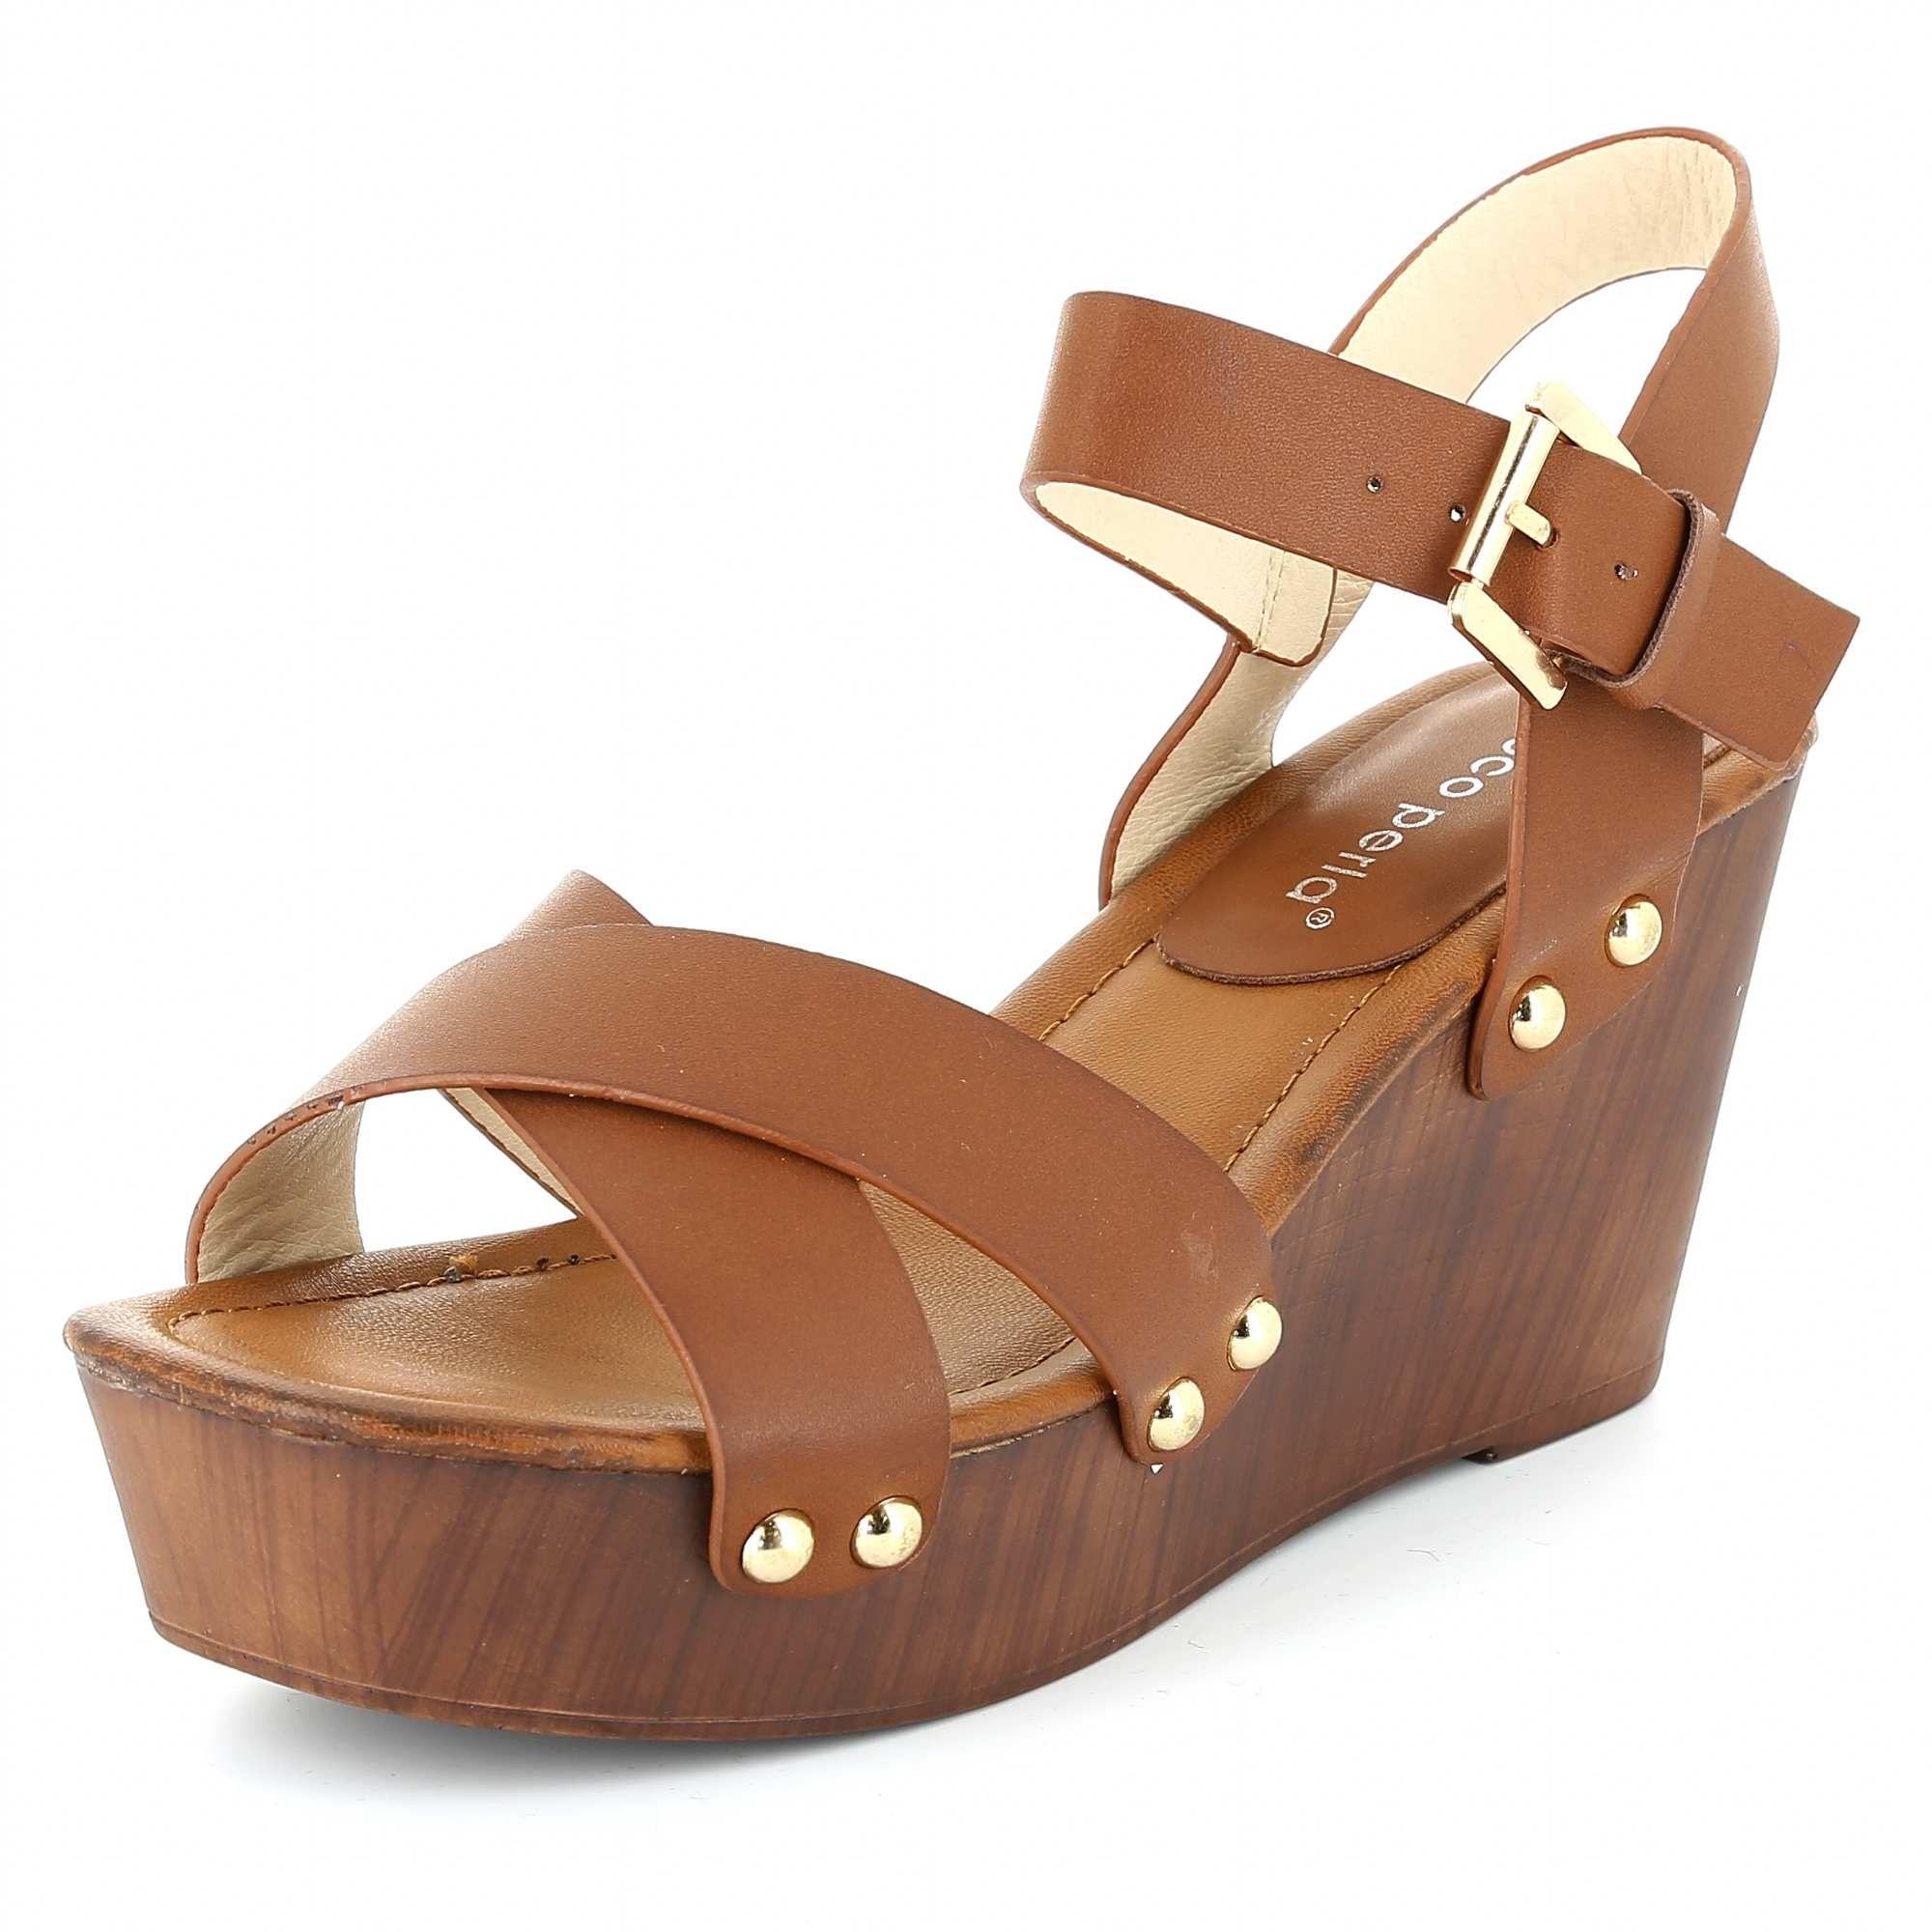 8d052f65b21 Sandalias con cuña de imitación madera Mujer - Kiabi - 25